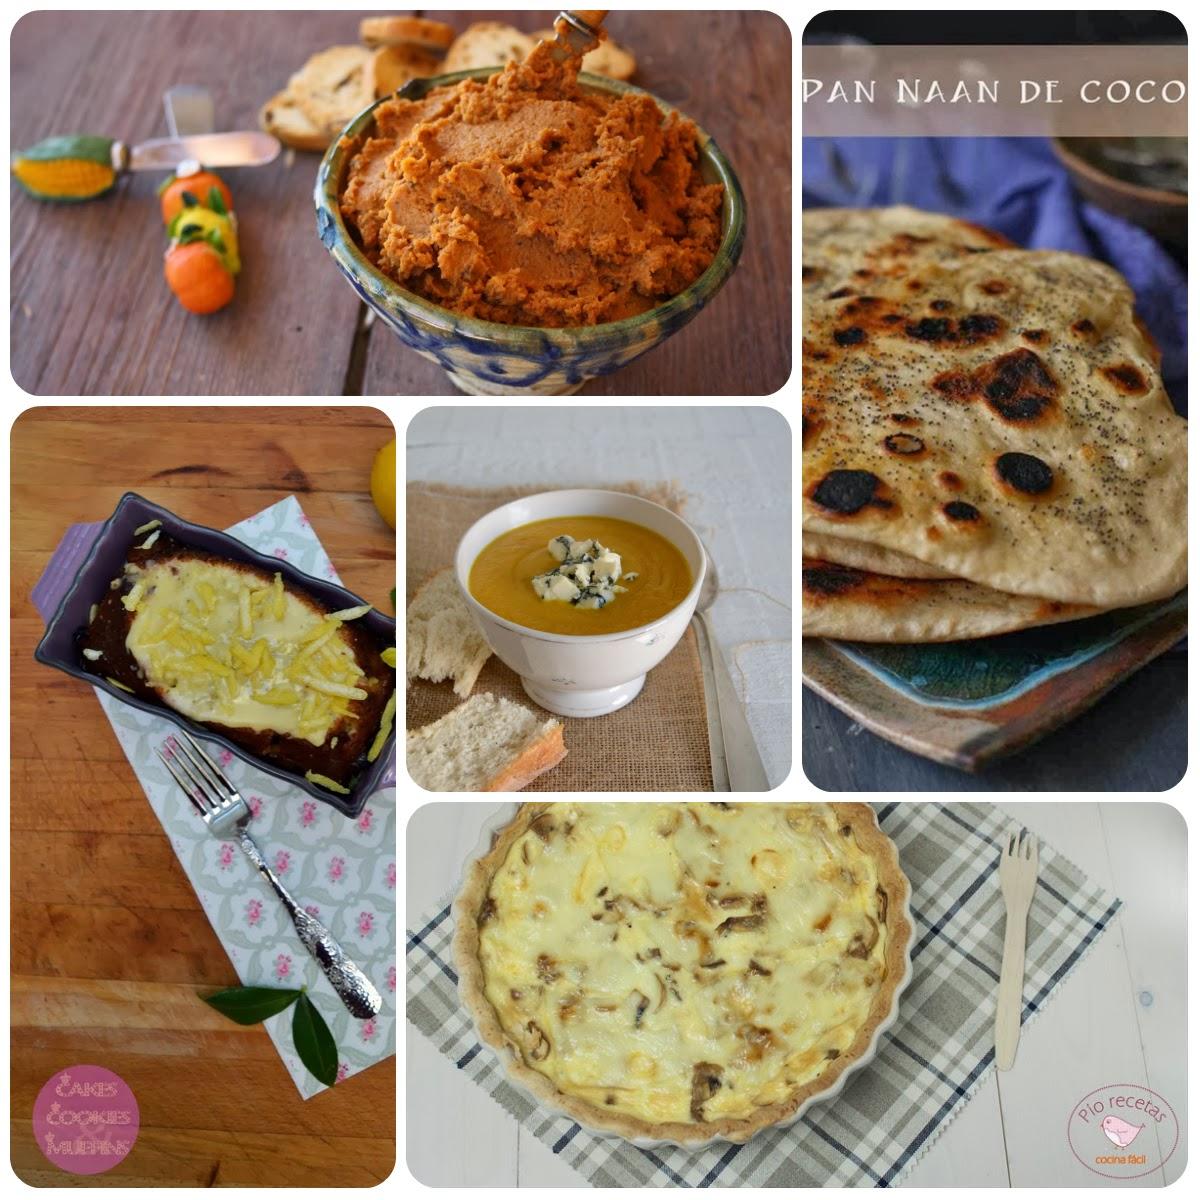 Platos del tercer menú vegetariano con recetas de otros blogs.